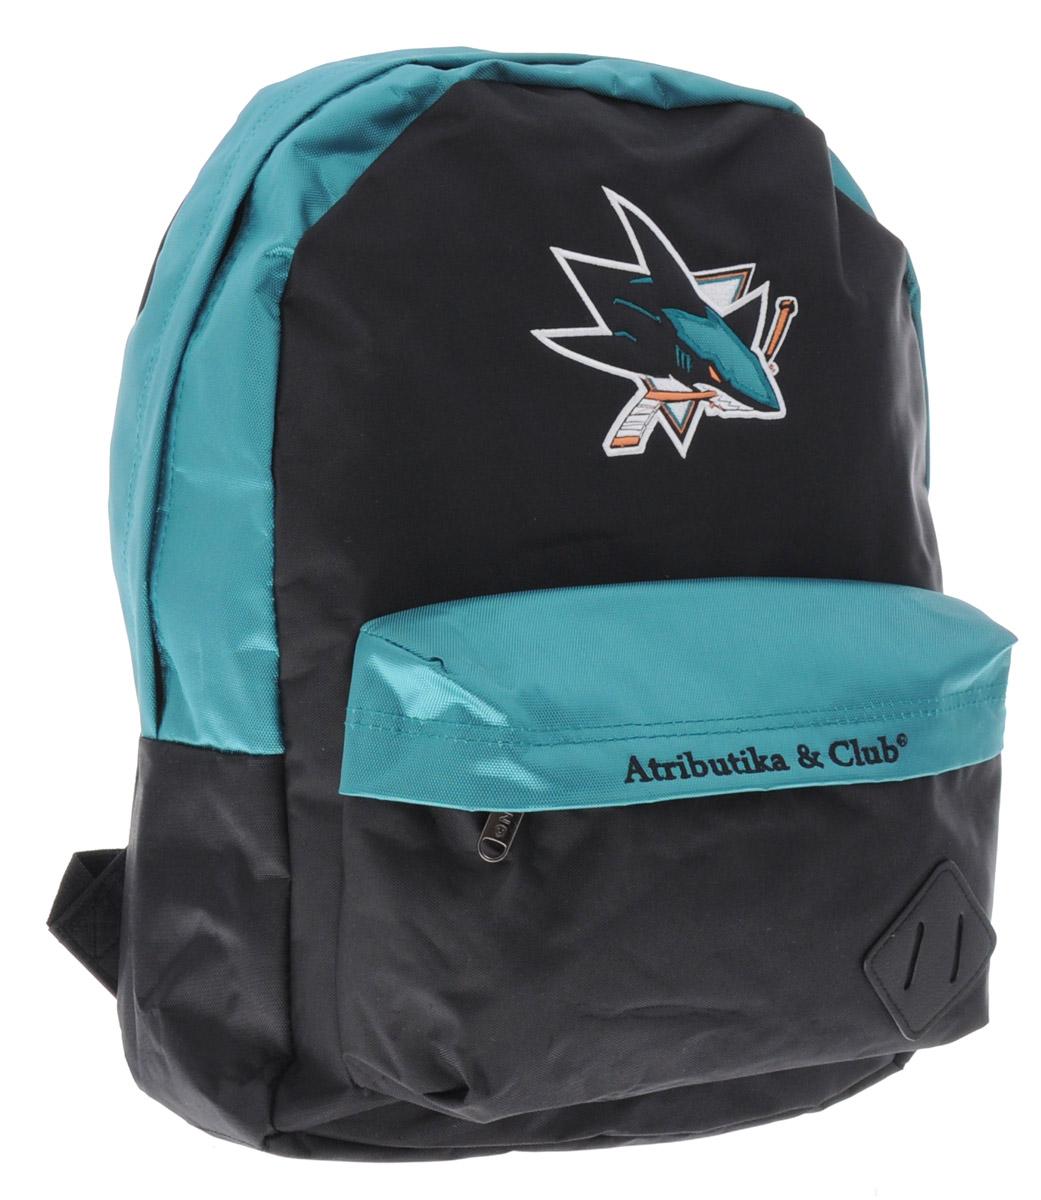 Рюкзак спортивный NHL SJ Sharks, цвет: черный, бирюзовый, 18 лJ30J304671Спортивный рюкзак NHL SJ Sharks выполнен из высококачественного полиэстера. Изделие имеет одно основное отделение, которое закрывается на застежку-молнию двумя бегунками. Спереди расположен большой нашивной карман на застежке-молнии, внутри которого находятся один накладной карман, небольшой карман на молнии и четыре маленьких кармашка для мелочей без застежек. Лямки оснащены специальными фиксаторами длины. Лицевую часть рюкзака украшает логотип хоккейного клуба SJ Sharks.